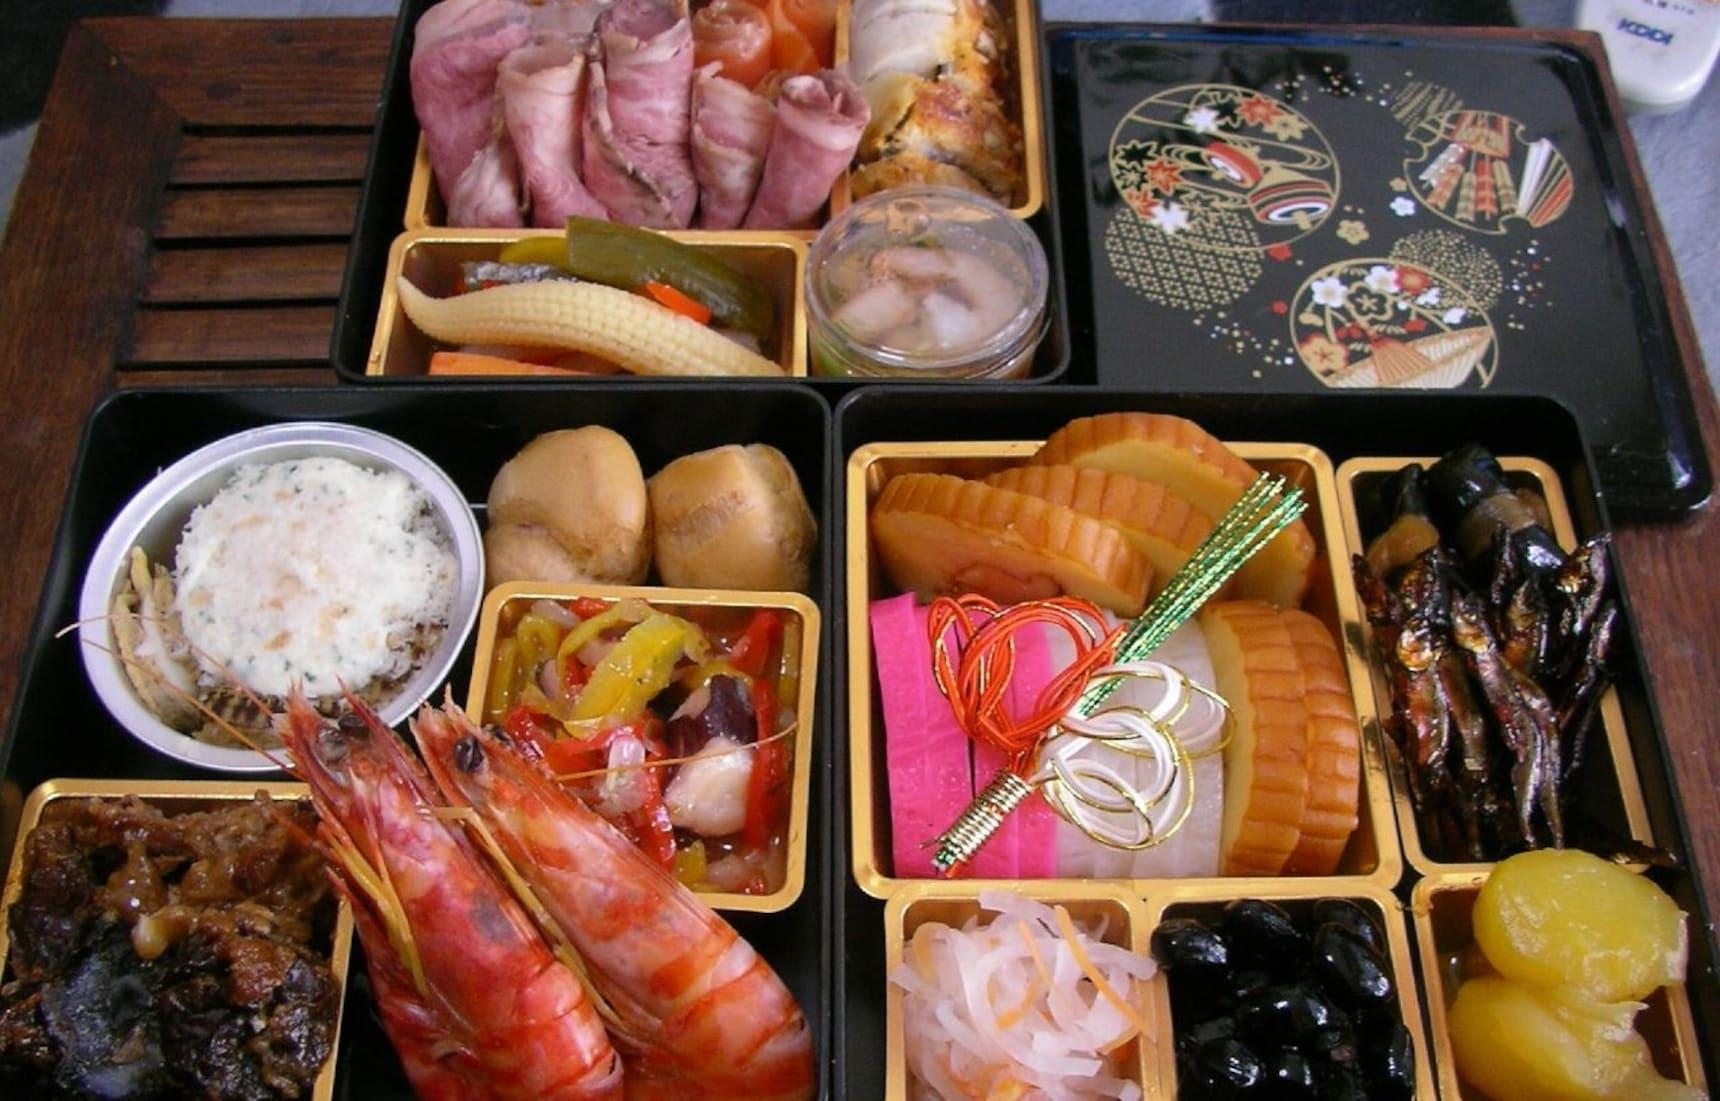 'โอเซจิเรียวริ' อาหารปีใหม่ที่มีแต่ความหมายดีๆ